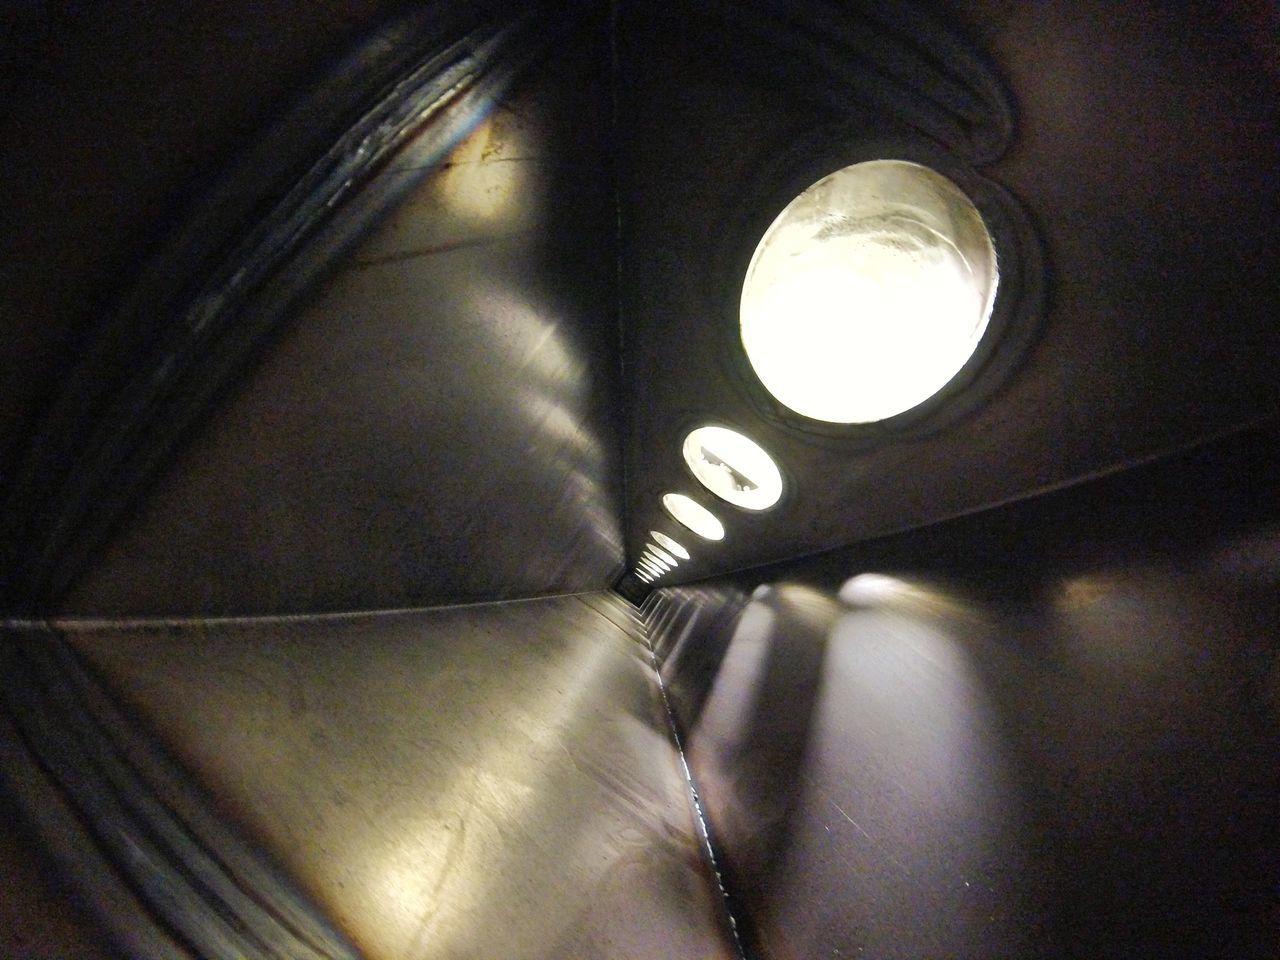 Hallway Hallway Photo Hallway Lights Hallway Art Goprohero4 Goprooftheday Goprophotography Snapseed Gopro Gopro Session